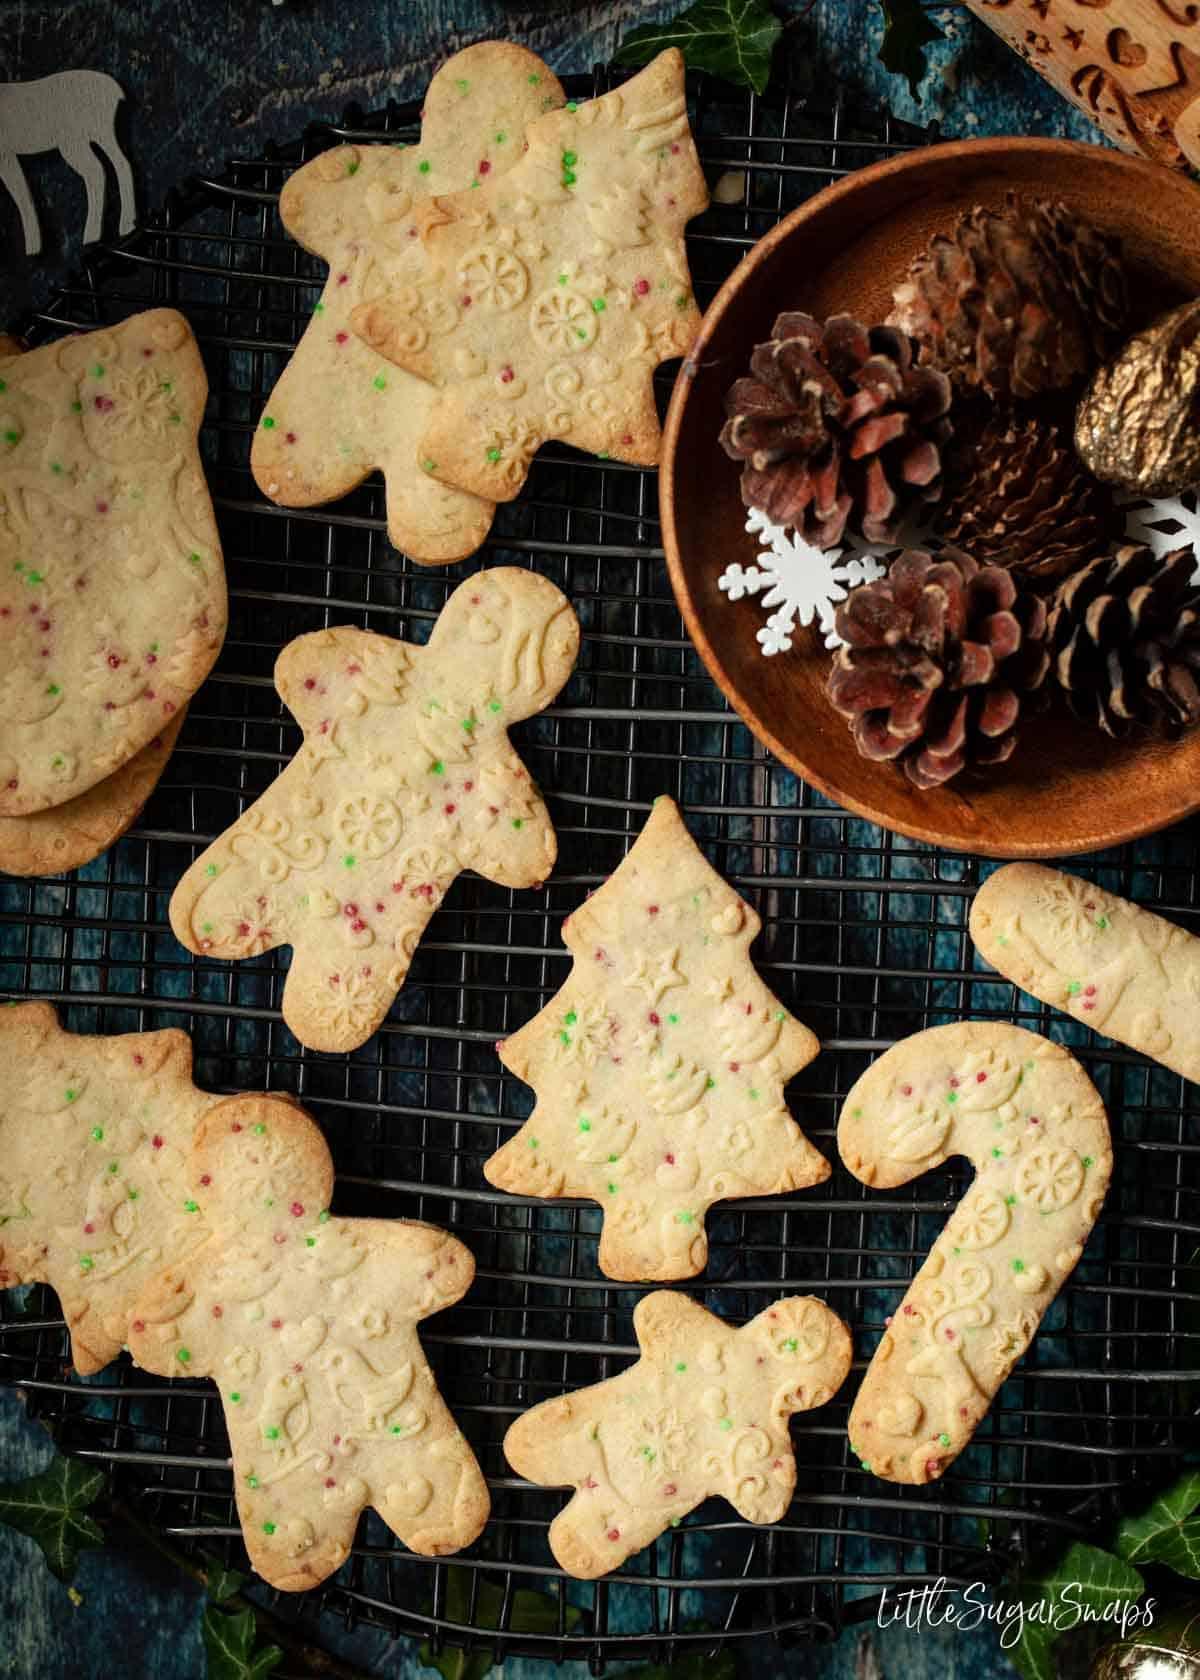 Embossed Christmas shortbread cookies with sprinkles